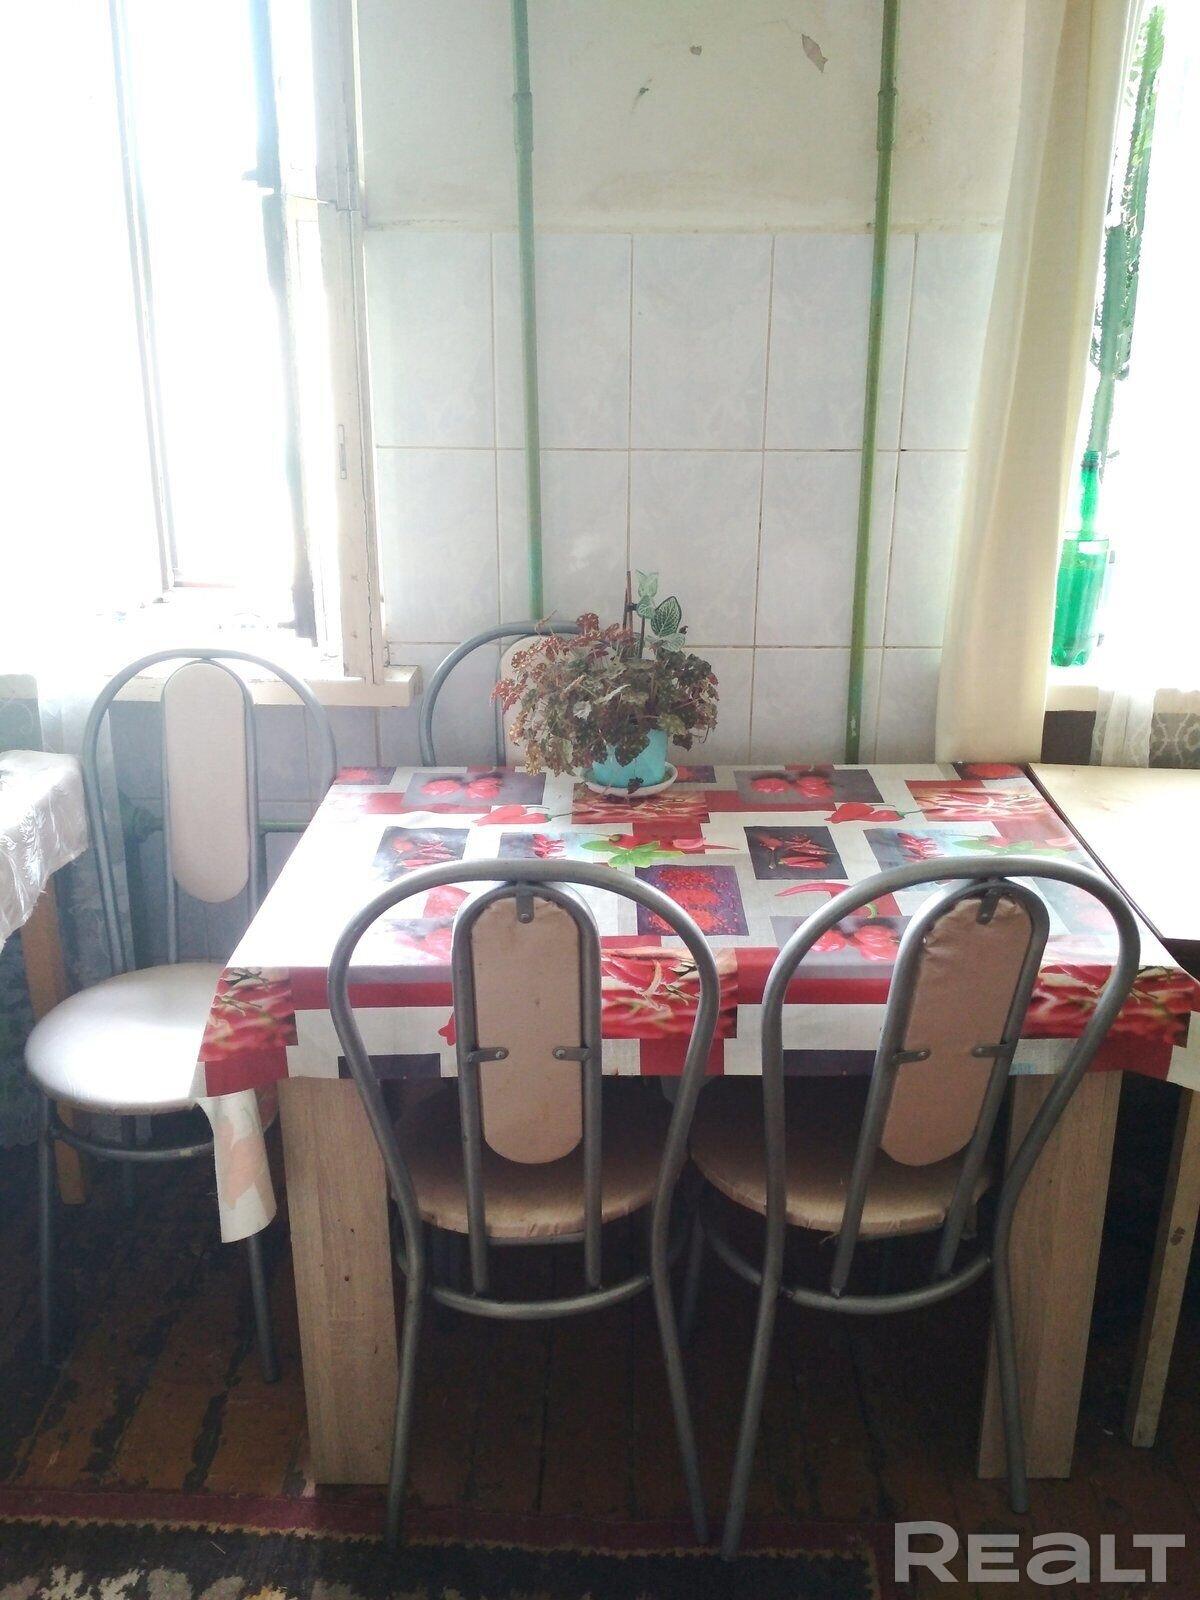 Продается комната в 4-х комнатной квартире, Новополоцк - фото №3